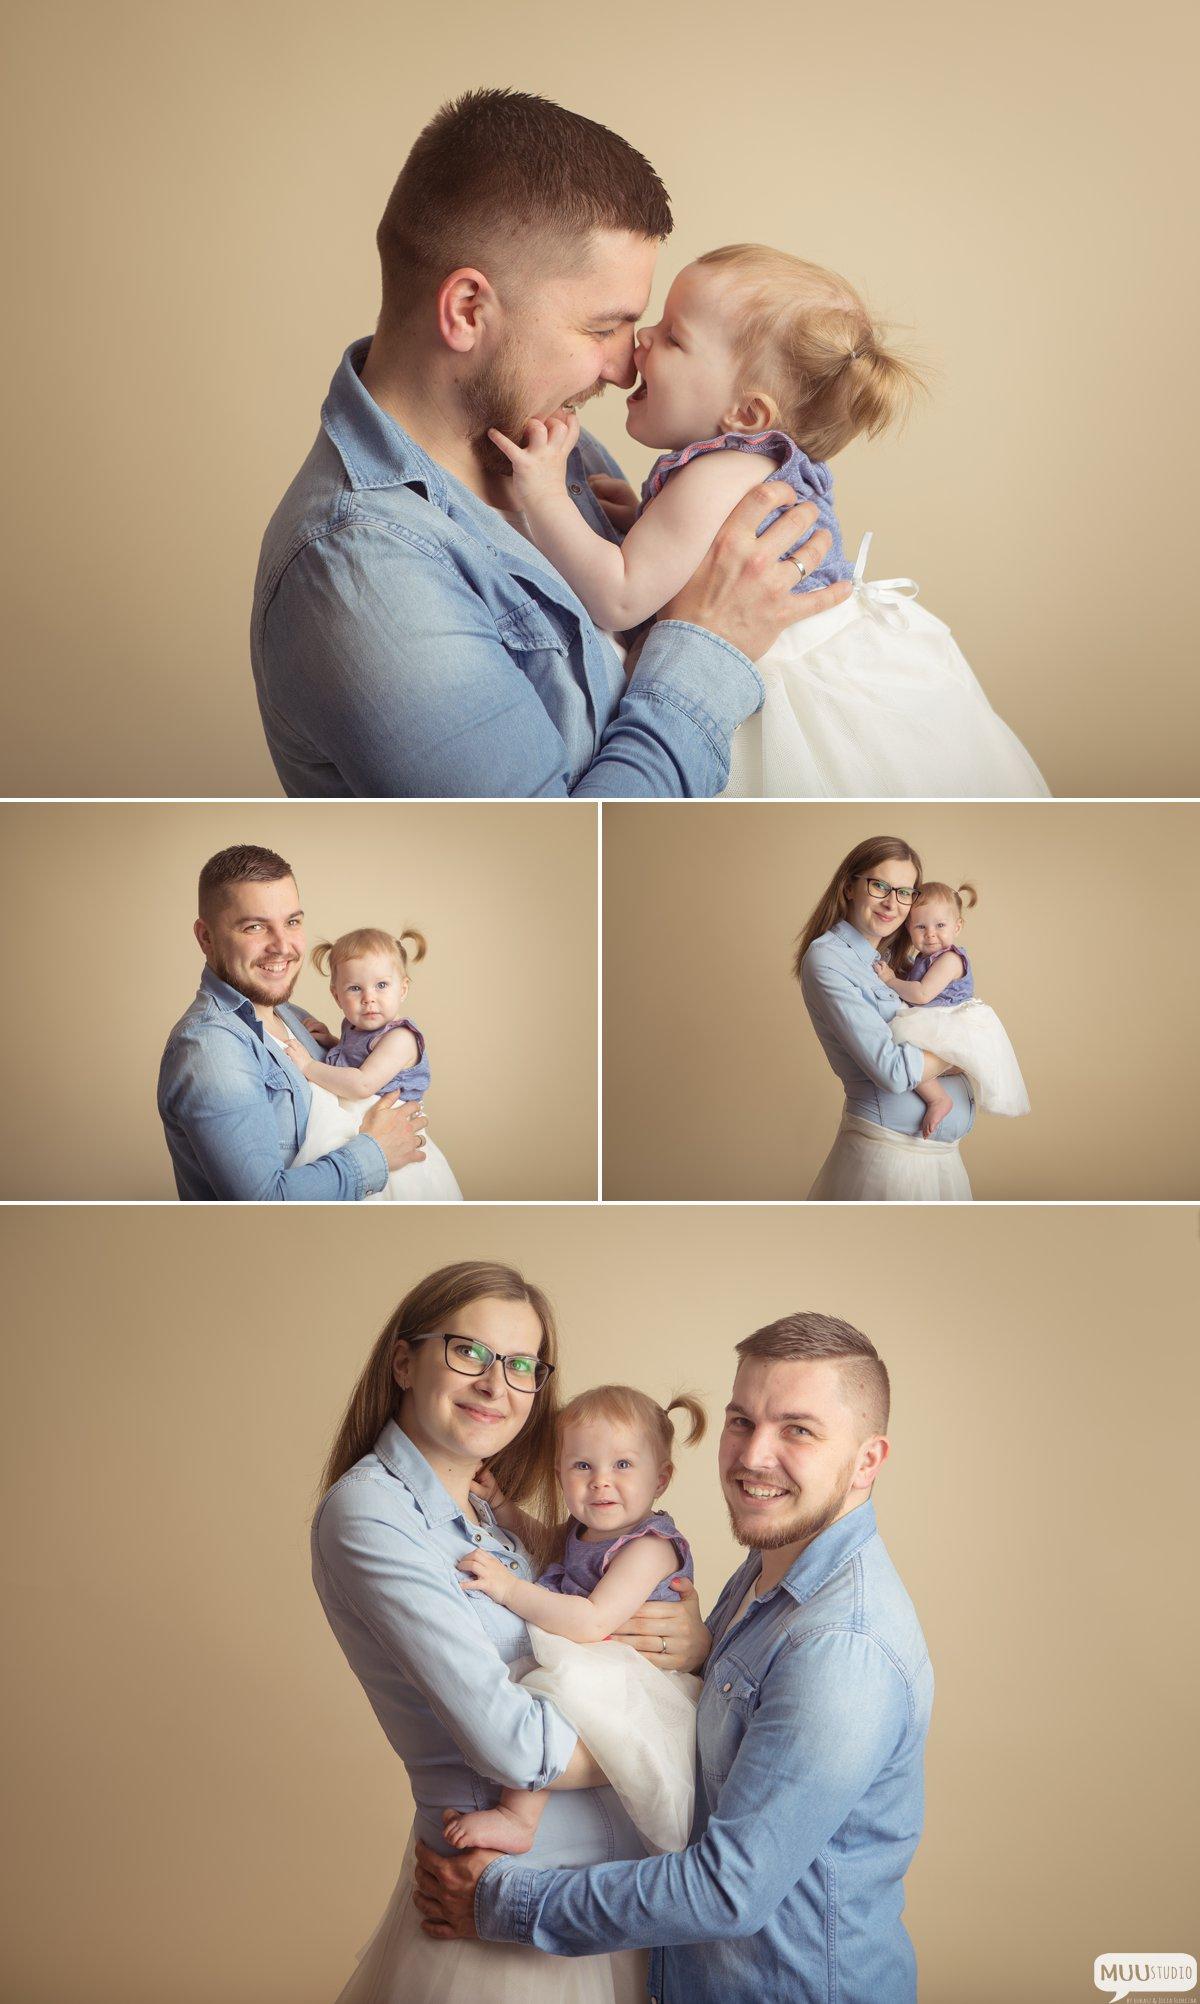 rodzinna sesja zdjęciowa w studio